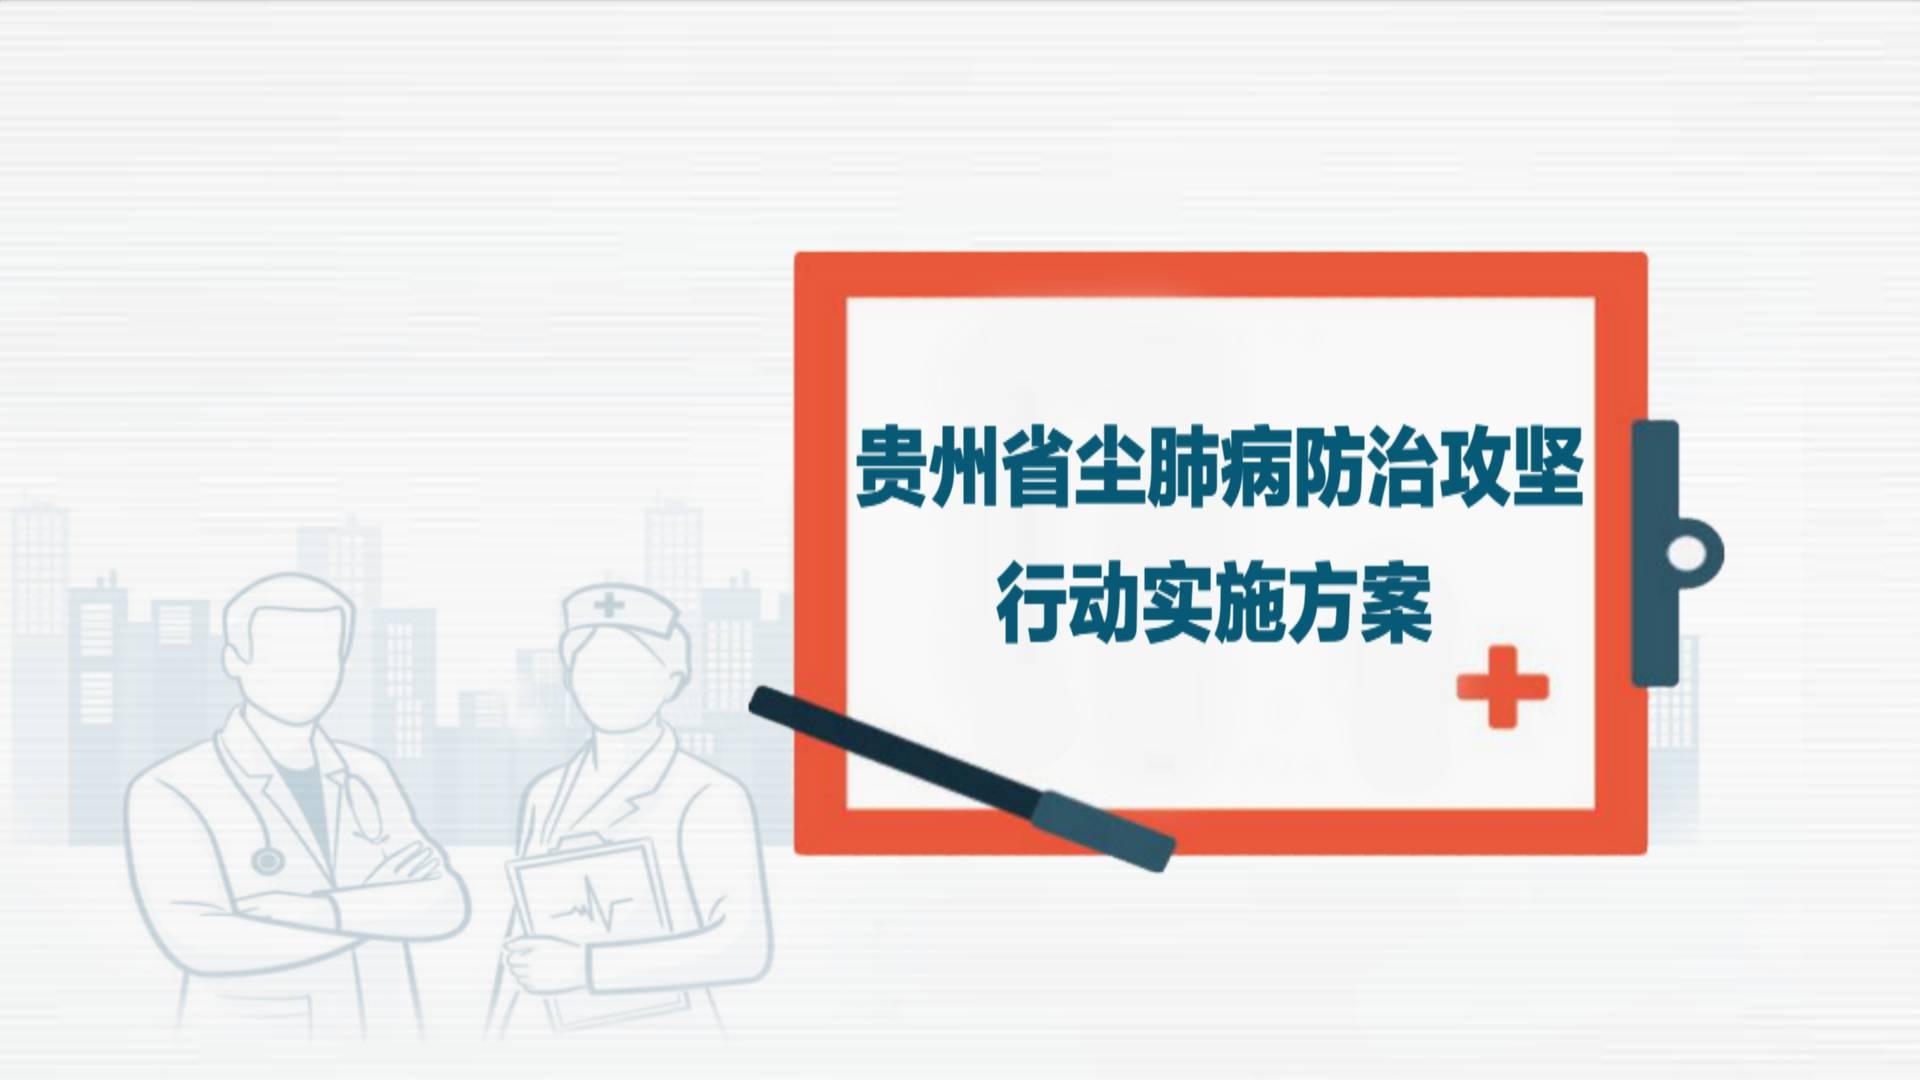 贵州省尘肺病防治攻坚行动实施方案出台